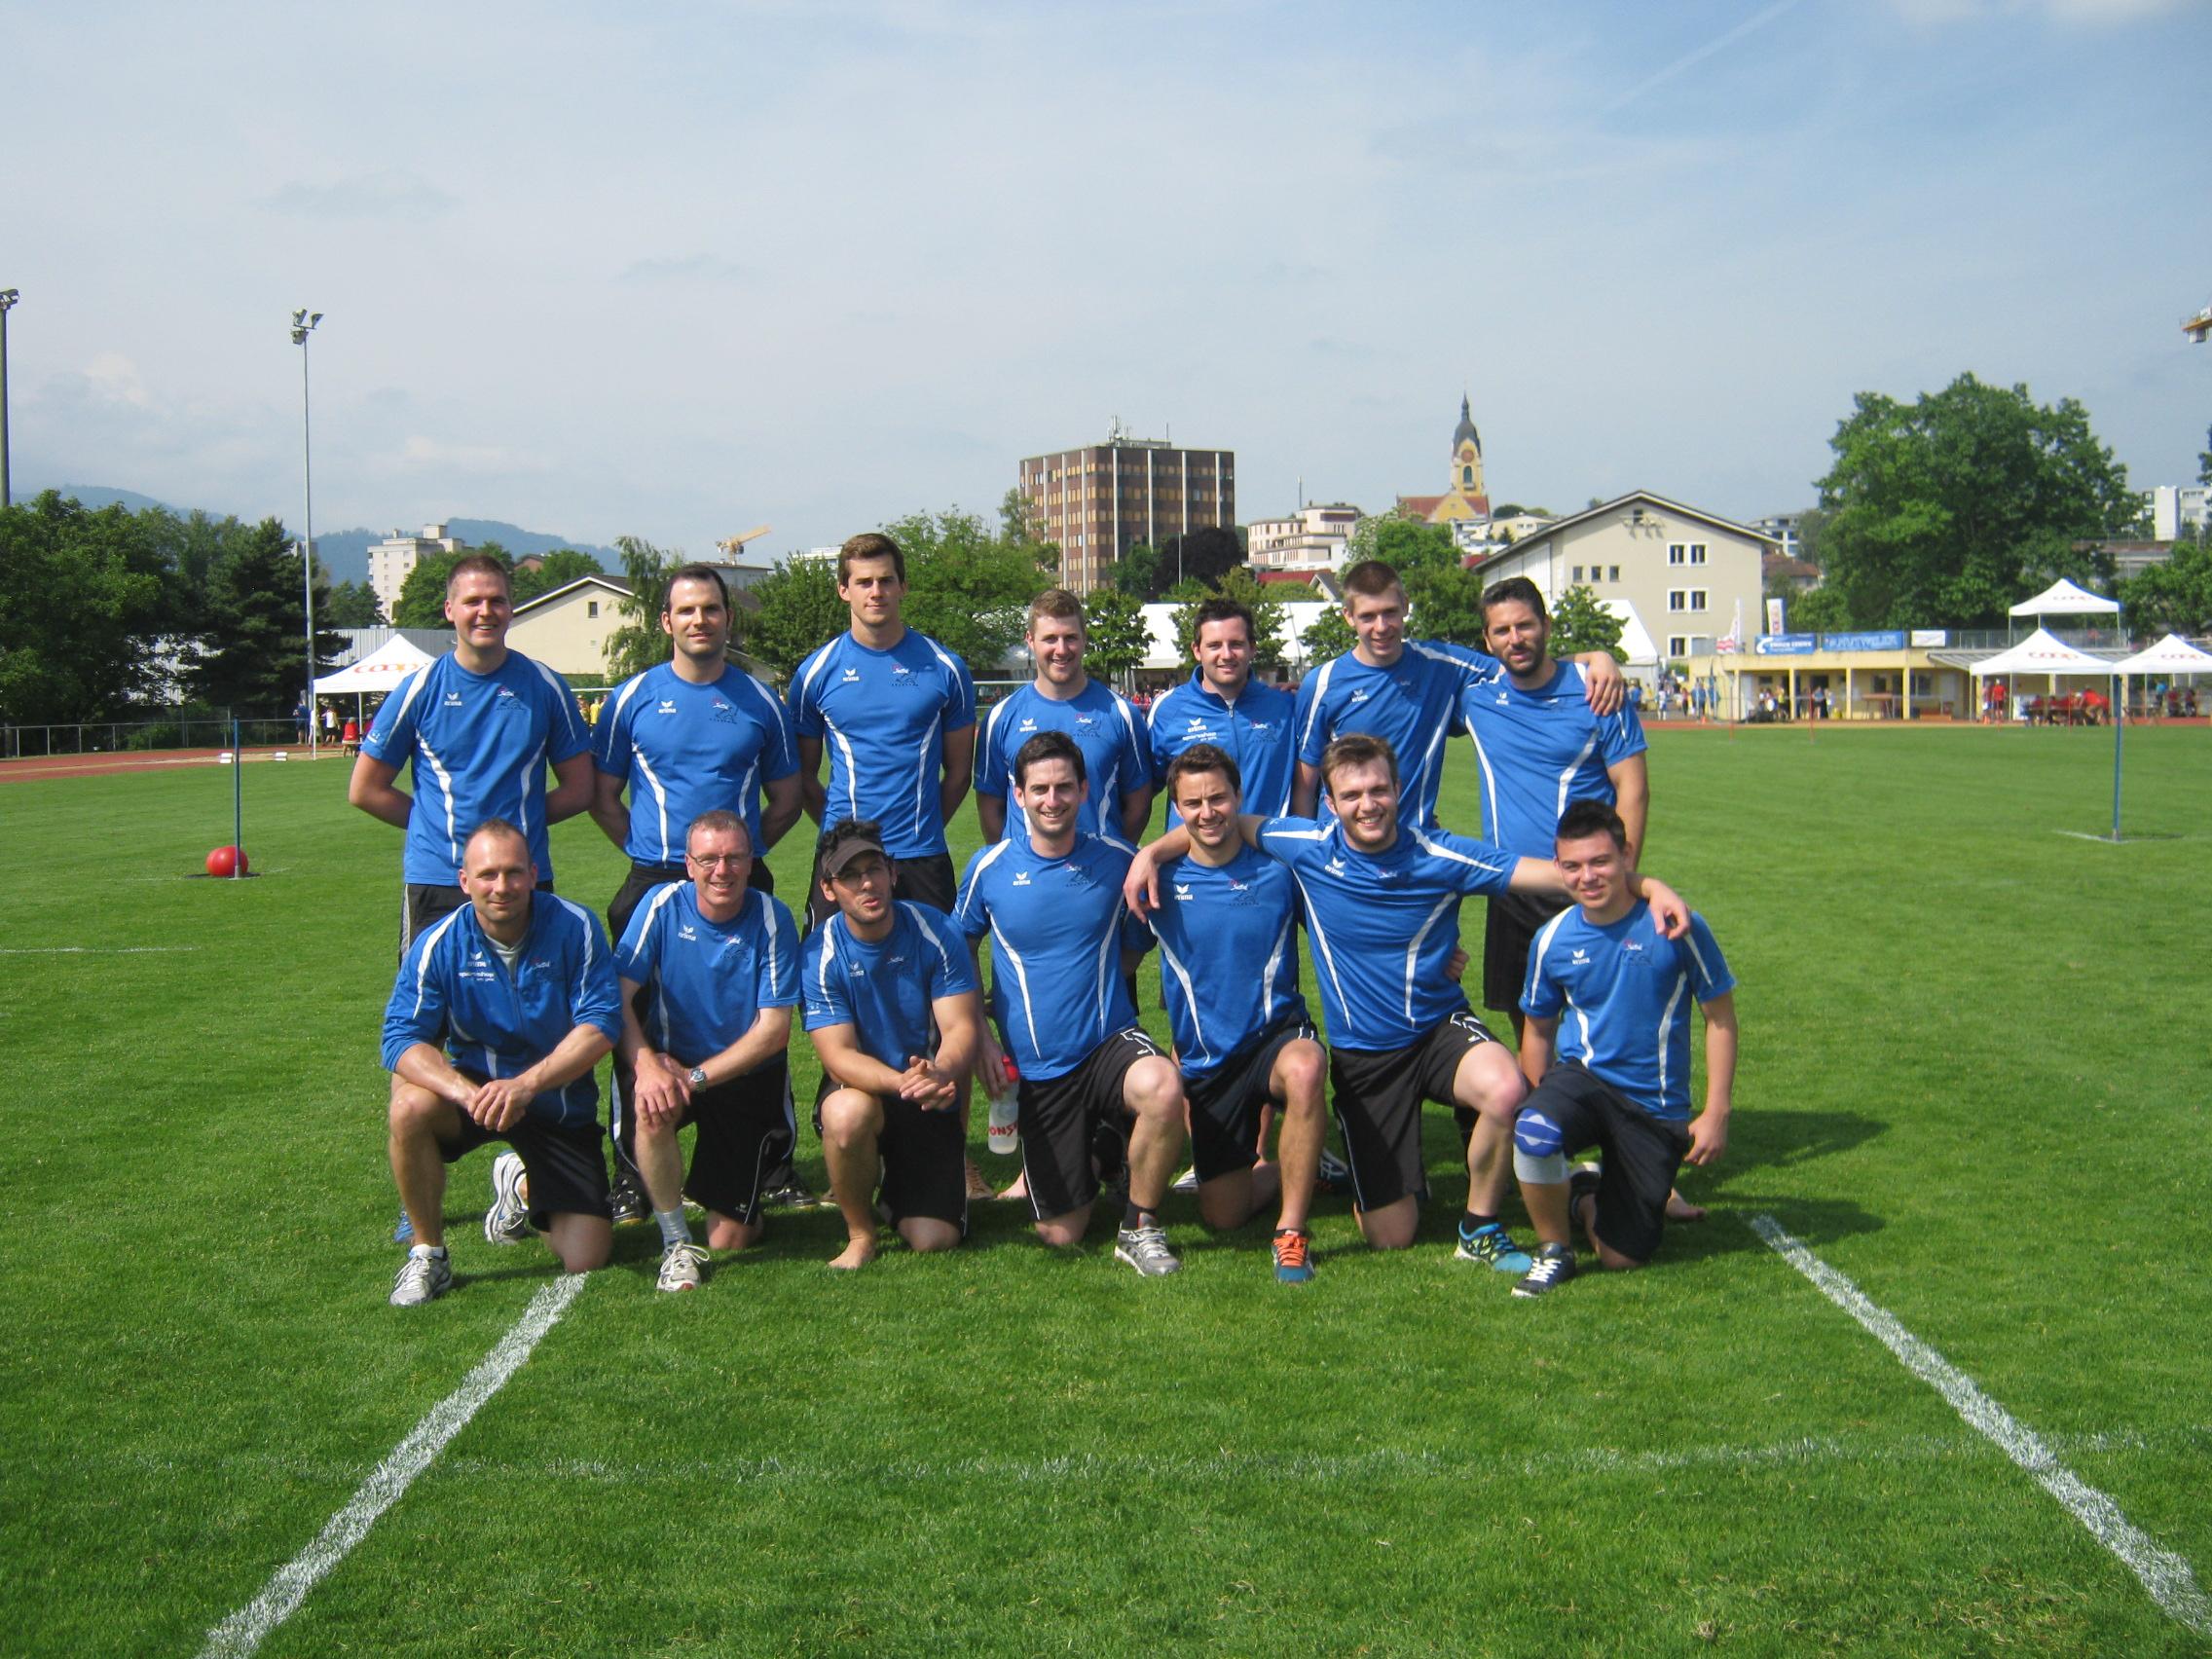 2014 Sportfest Emmen